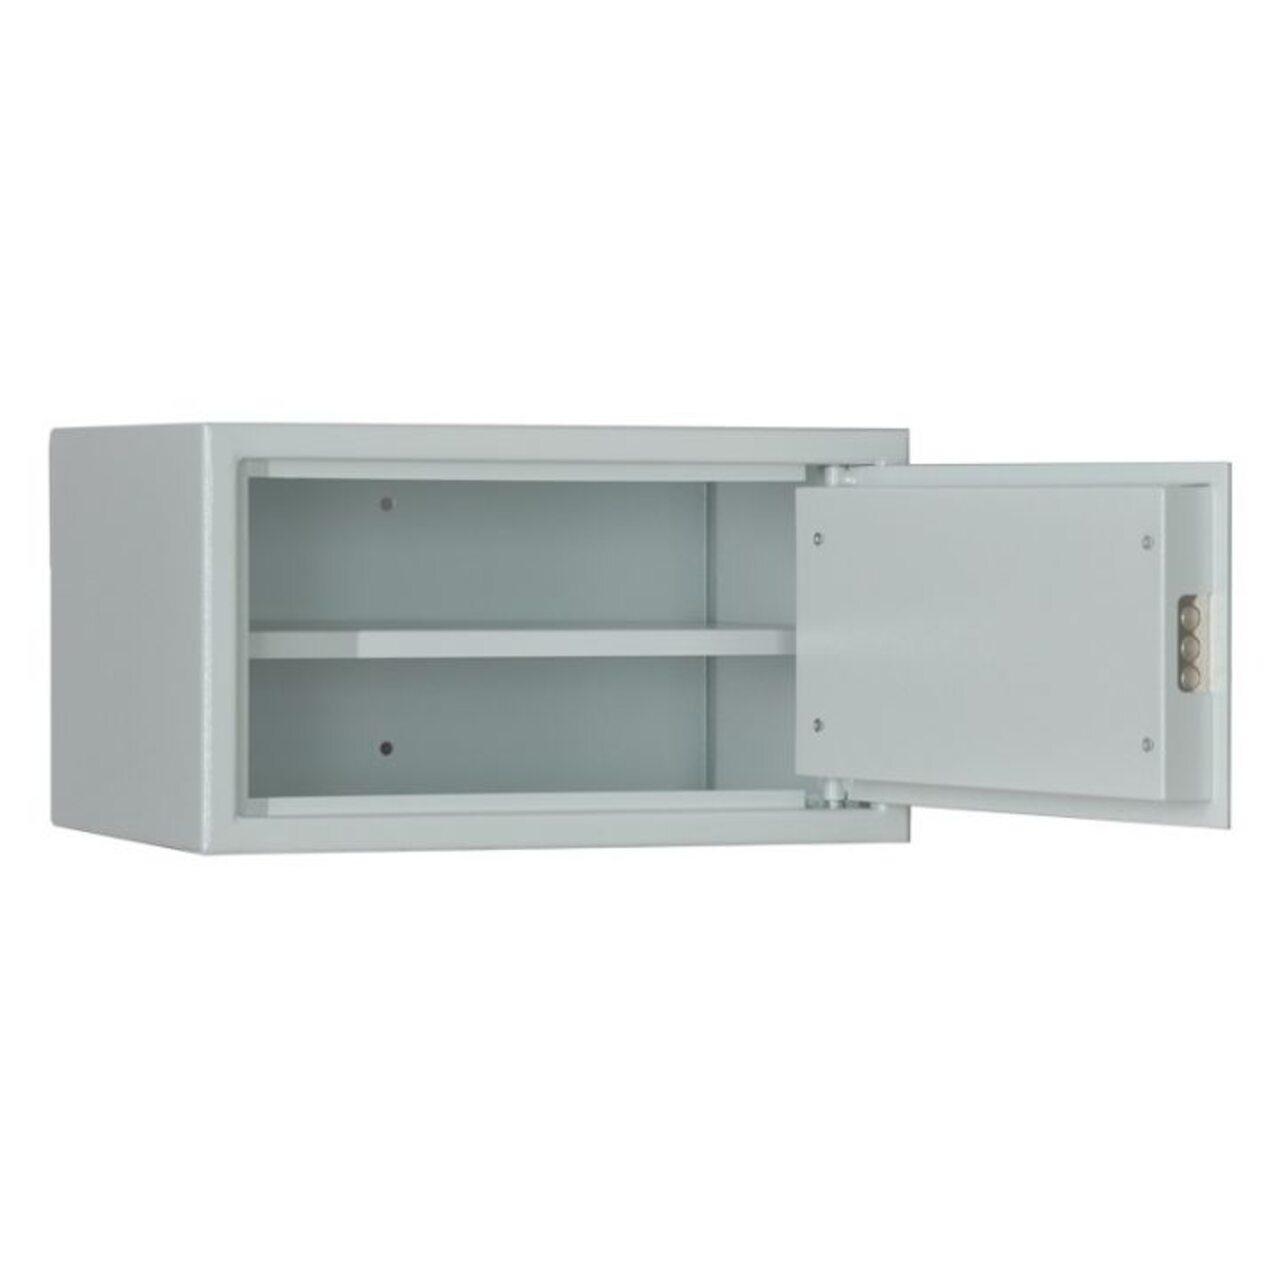 Шкаф мебельный ШМ-23 - фото 2